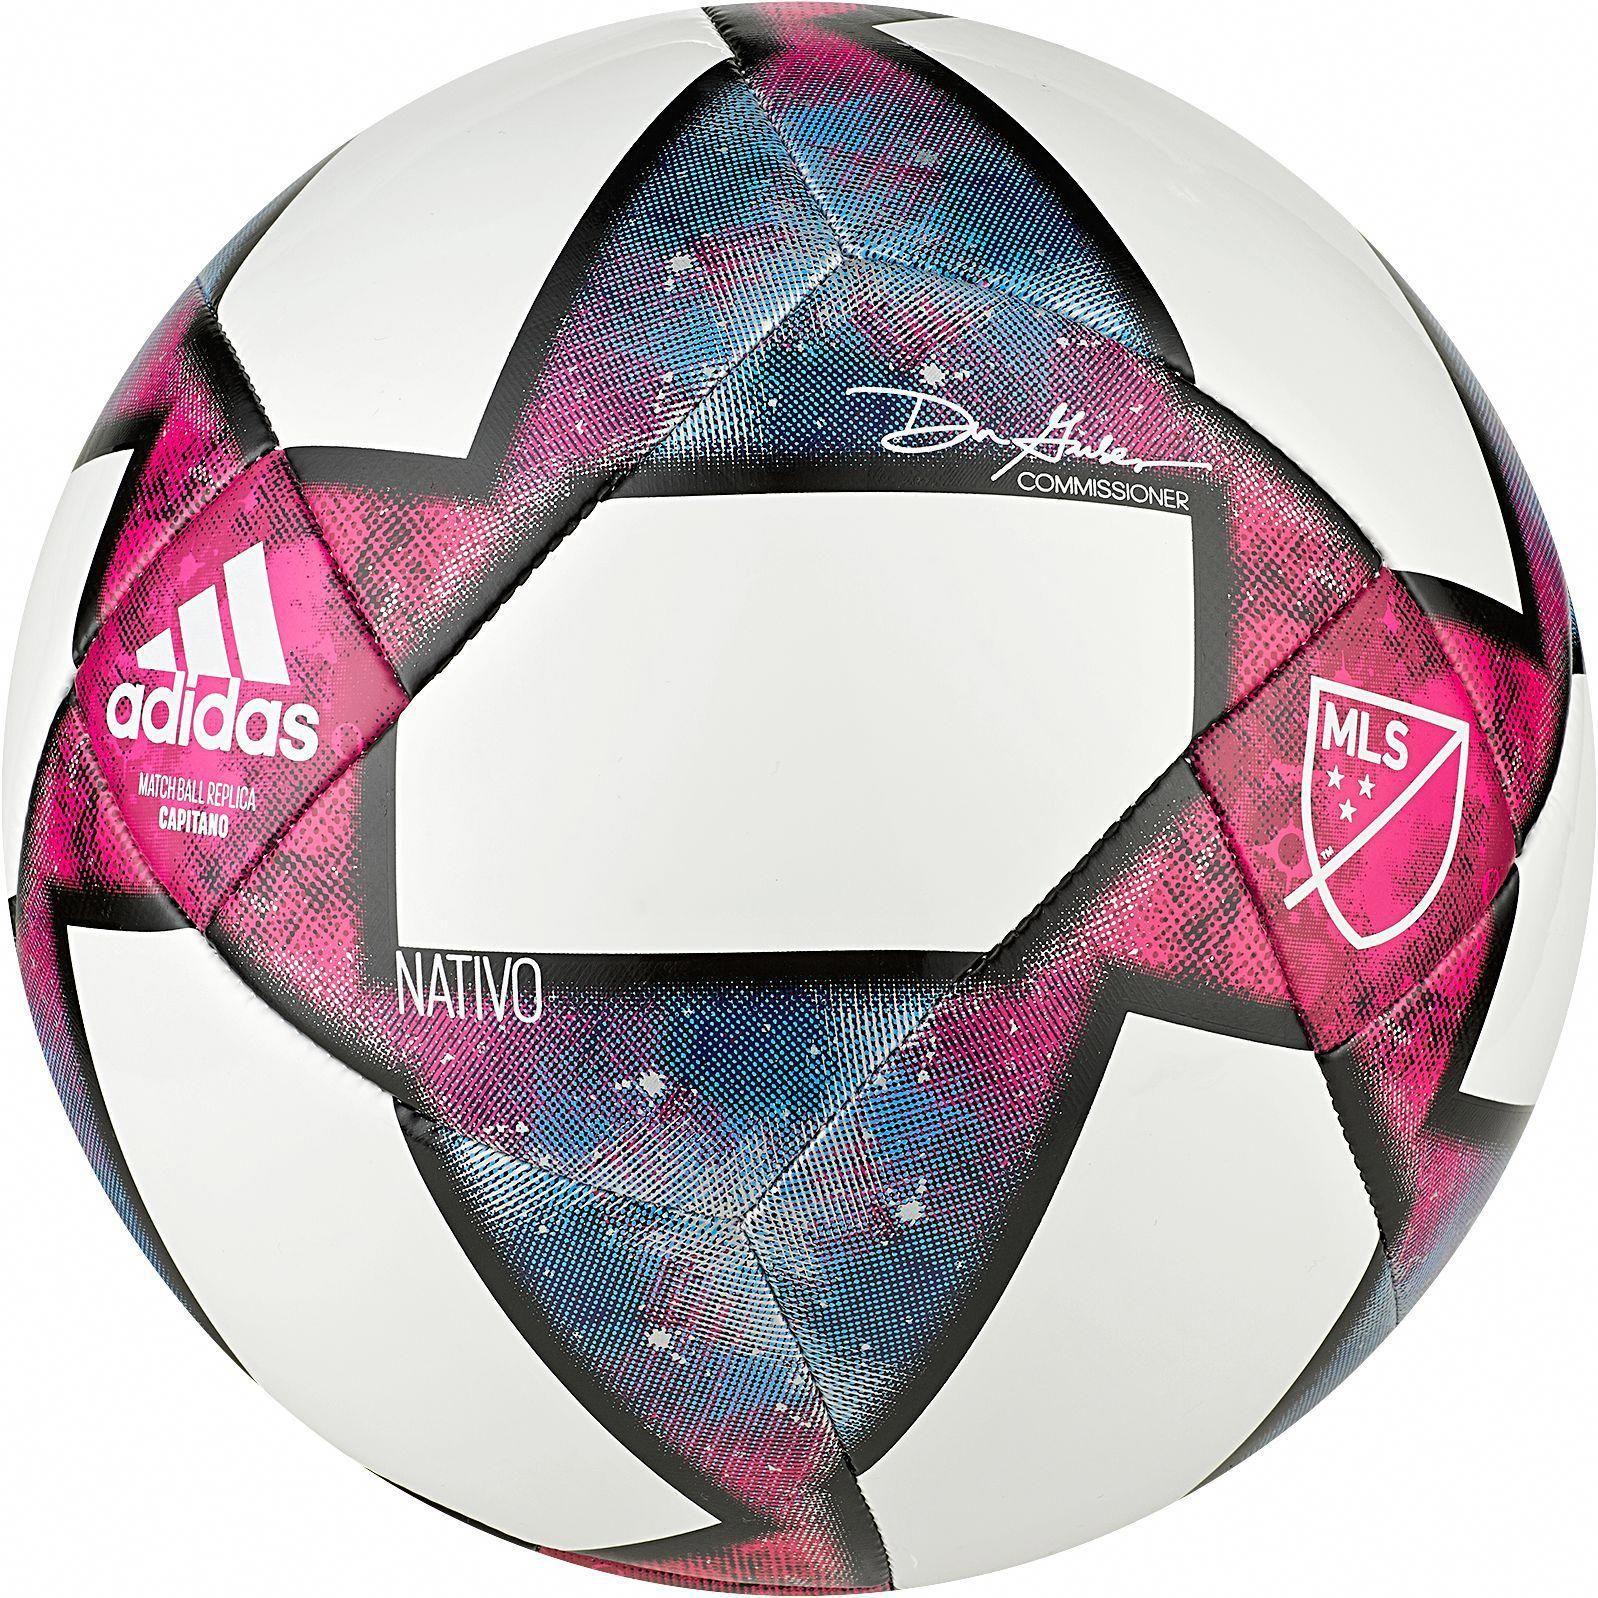 Noticias Y Rumores Del Futbol Europeo In 2020 Soccer Ball Soccer Futbol Soccer